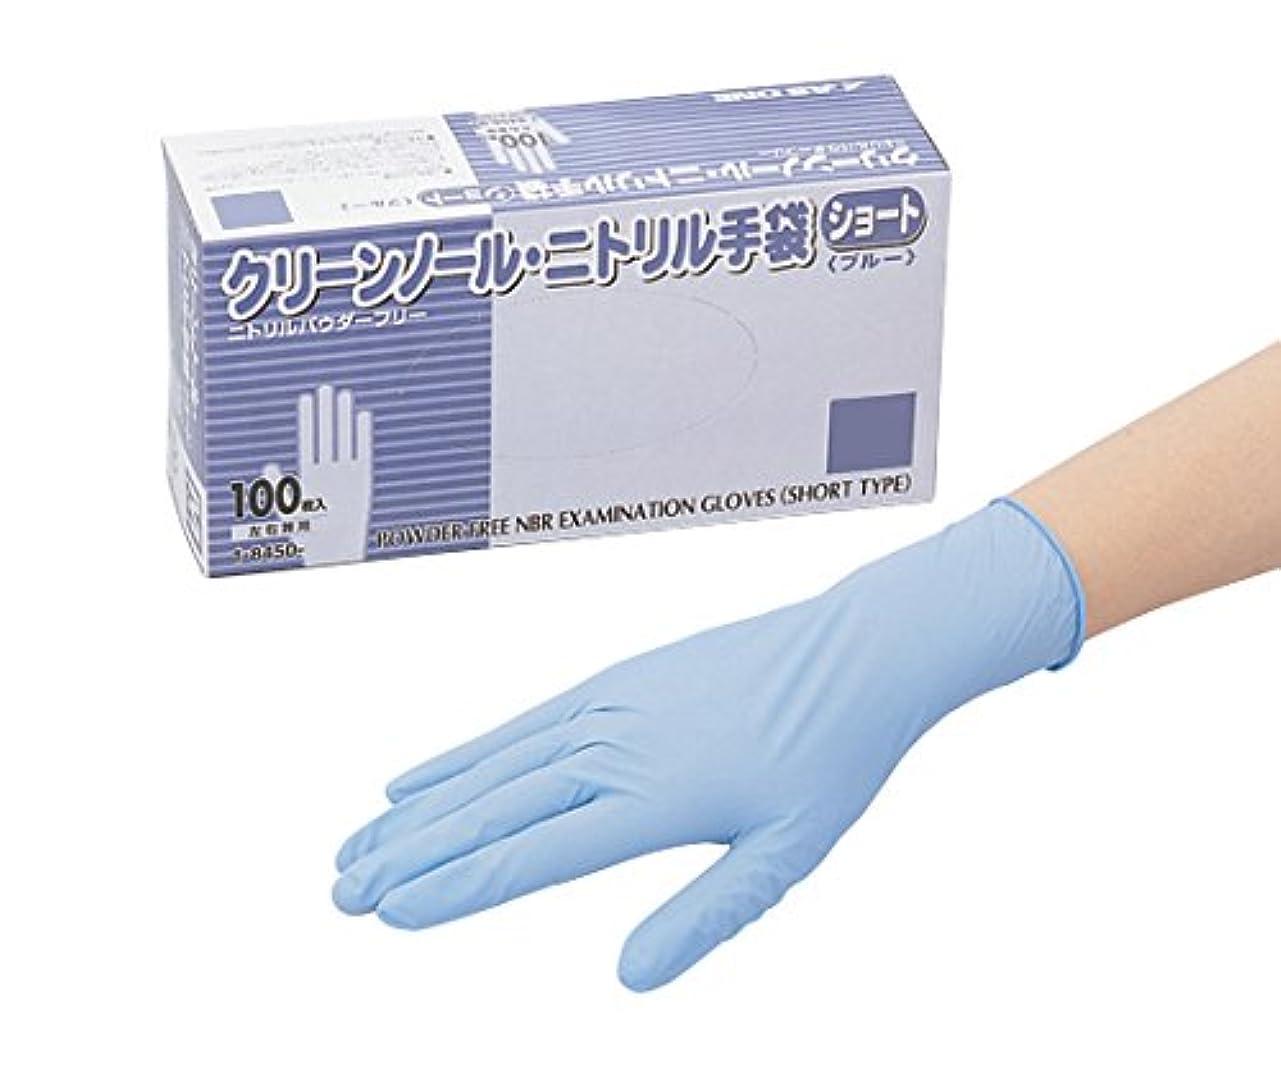 ゼロ経験者非武装化アズワン1-8450-22クリーンノールニトリル手袋ショート(パウダーフリ-)ブルーM100枚入